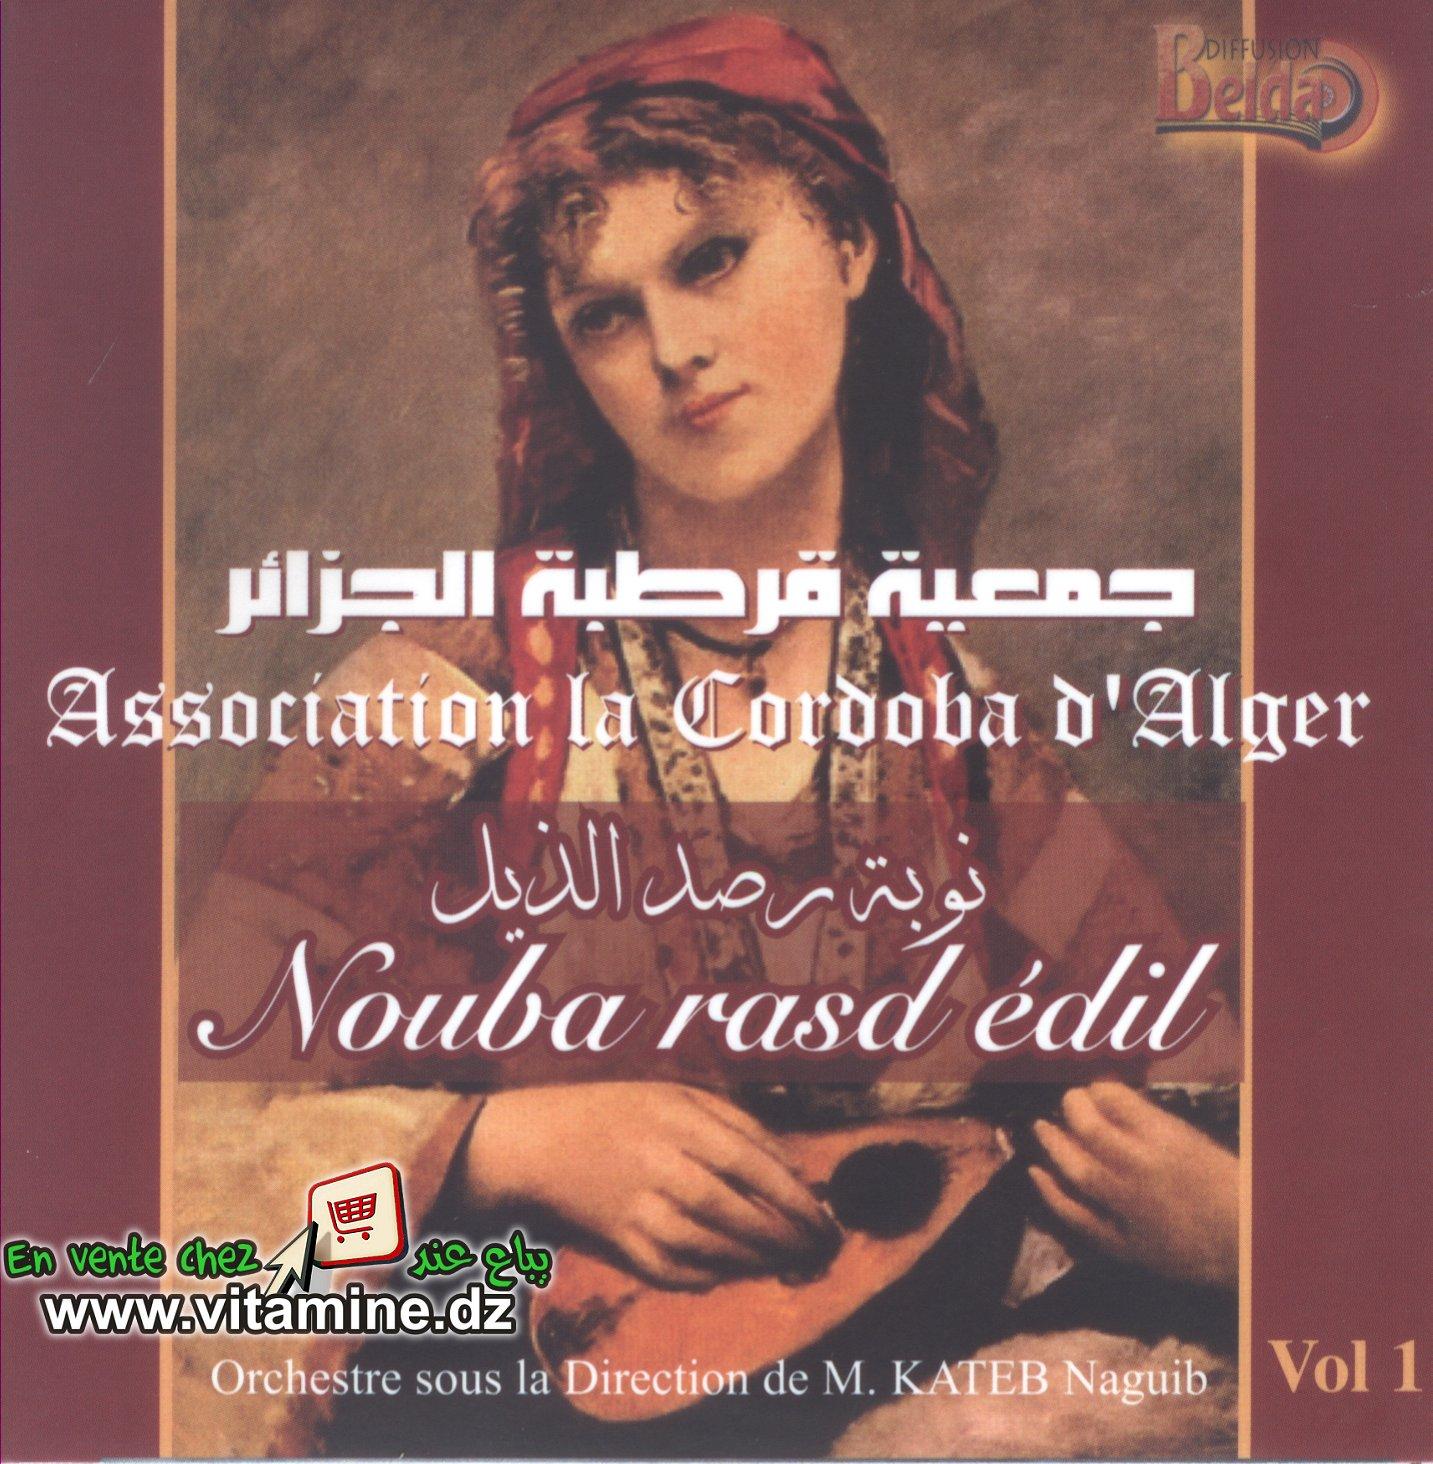 جمعية قرطبة الجزائر - نوبة رصد الديل فول 1